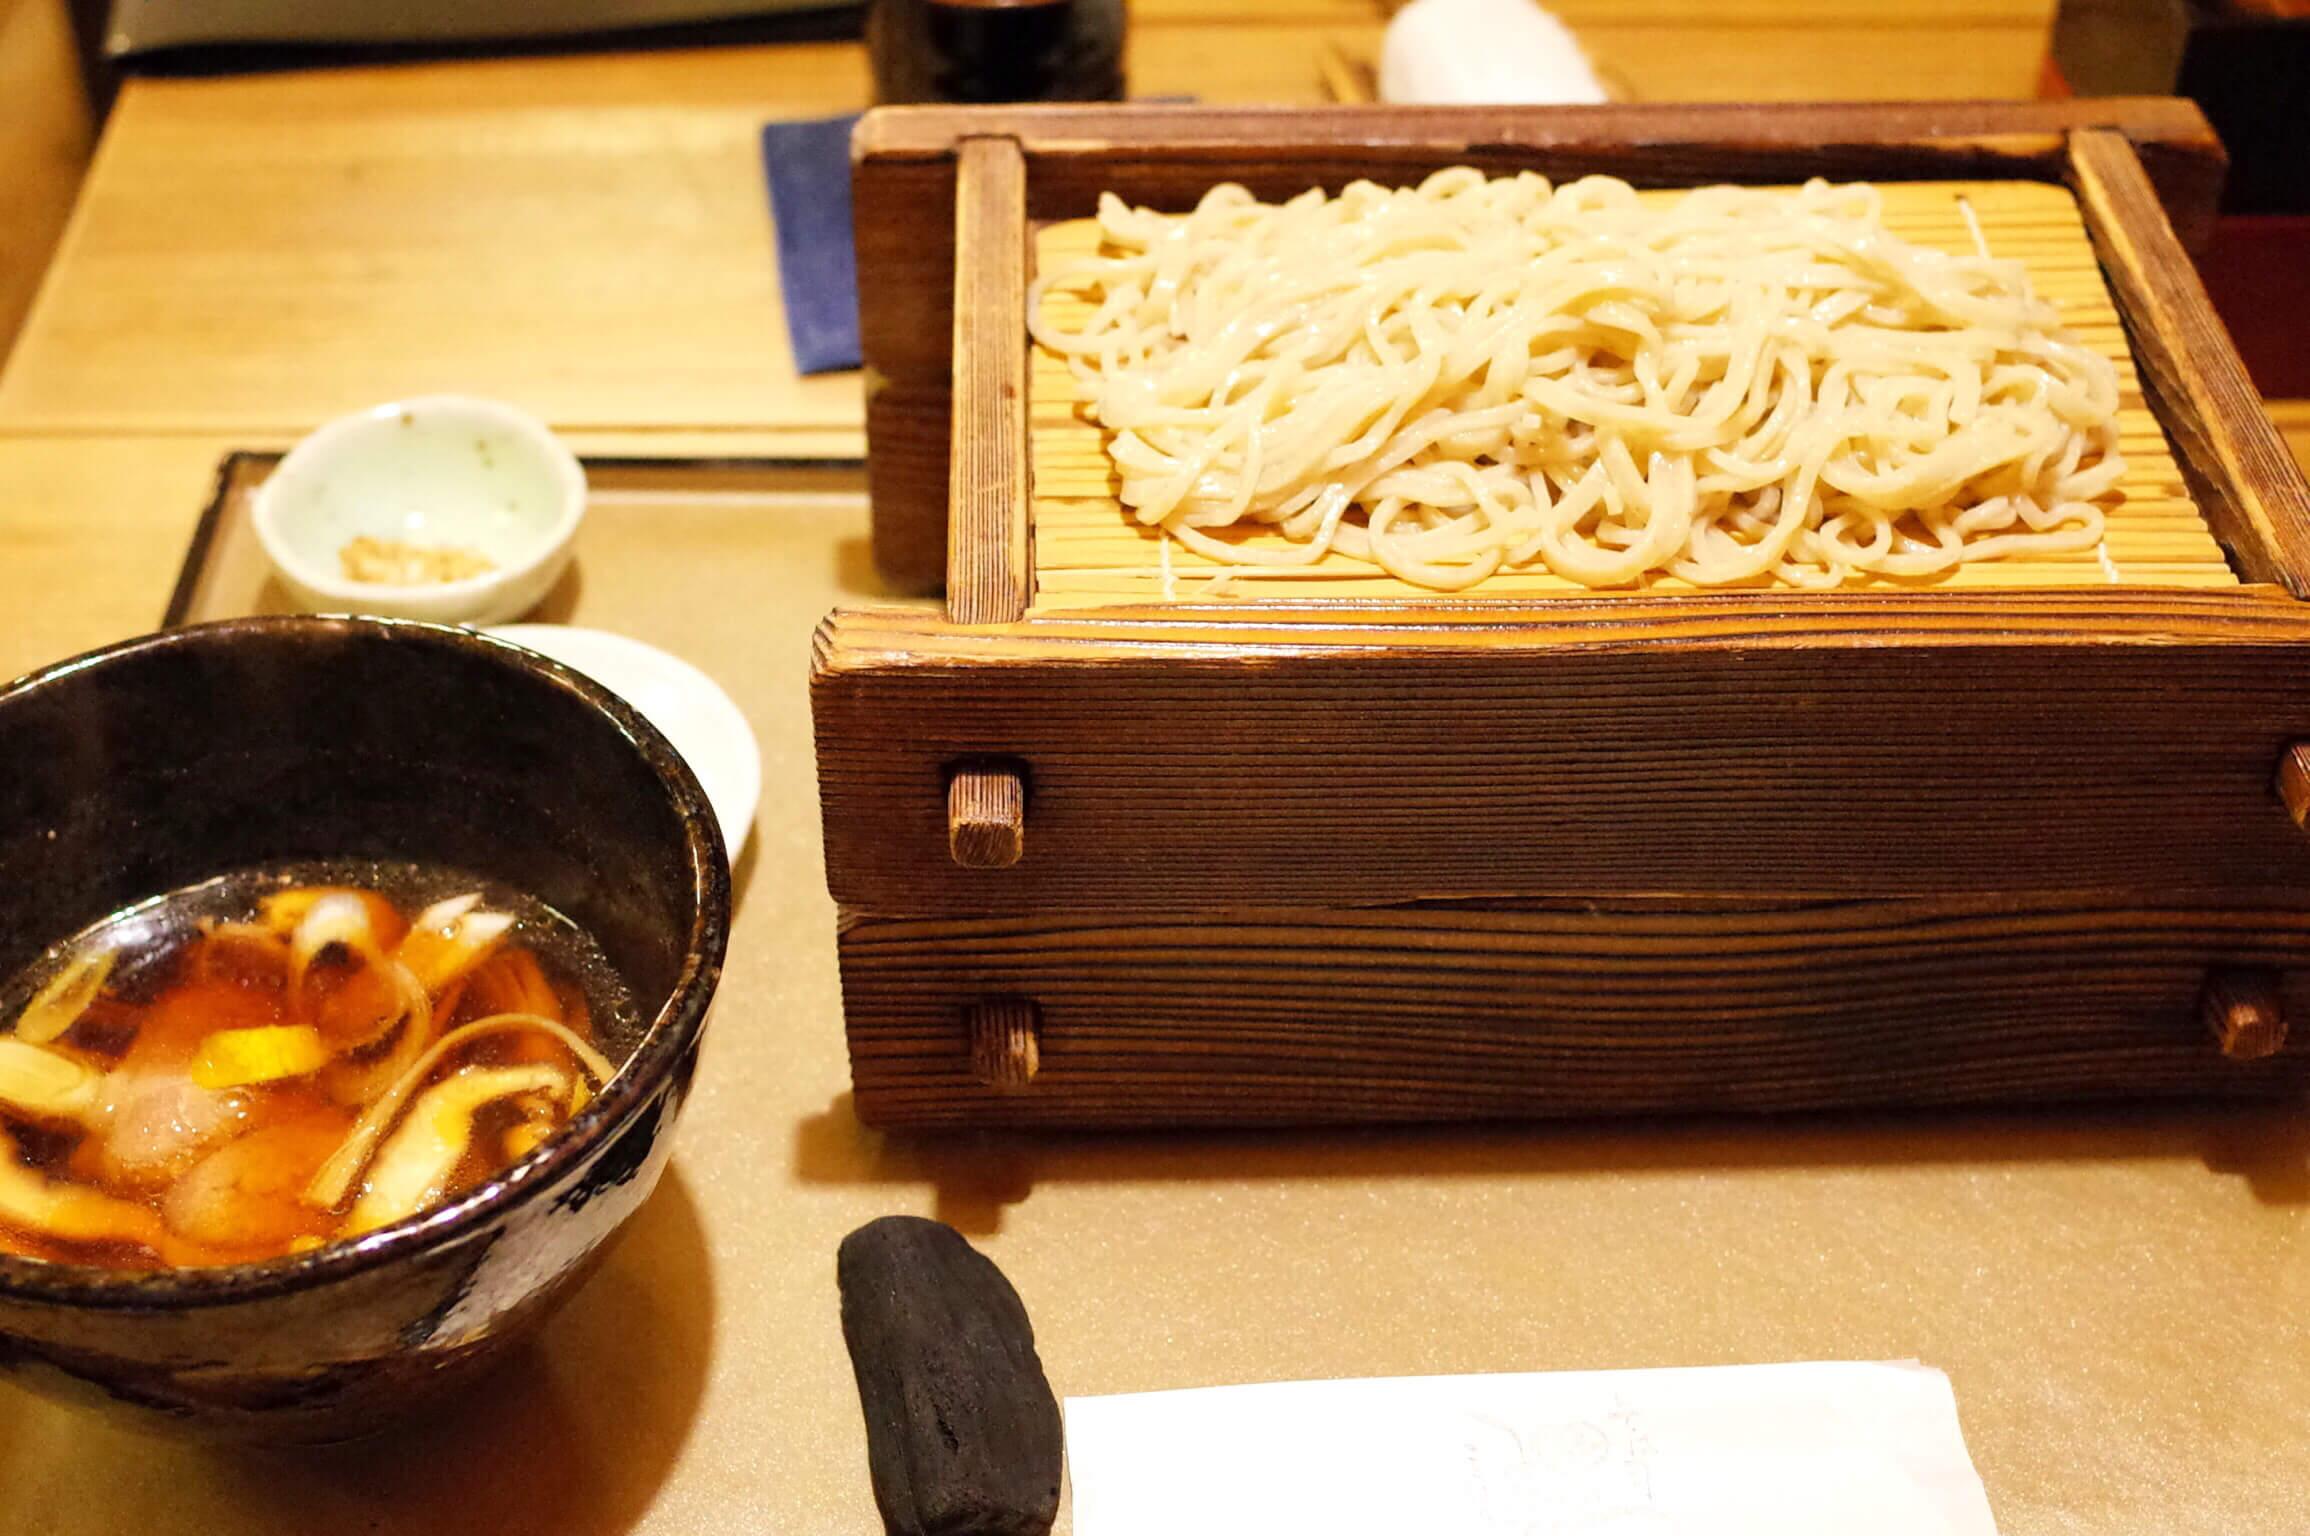 理 守口市 | 塩で食べるもりそばに感動!しっぽりと日本酒も楽しめる名店